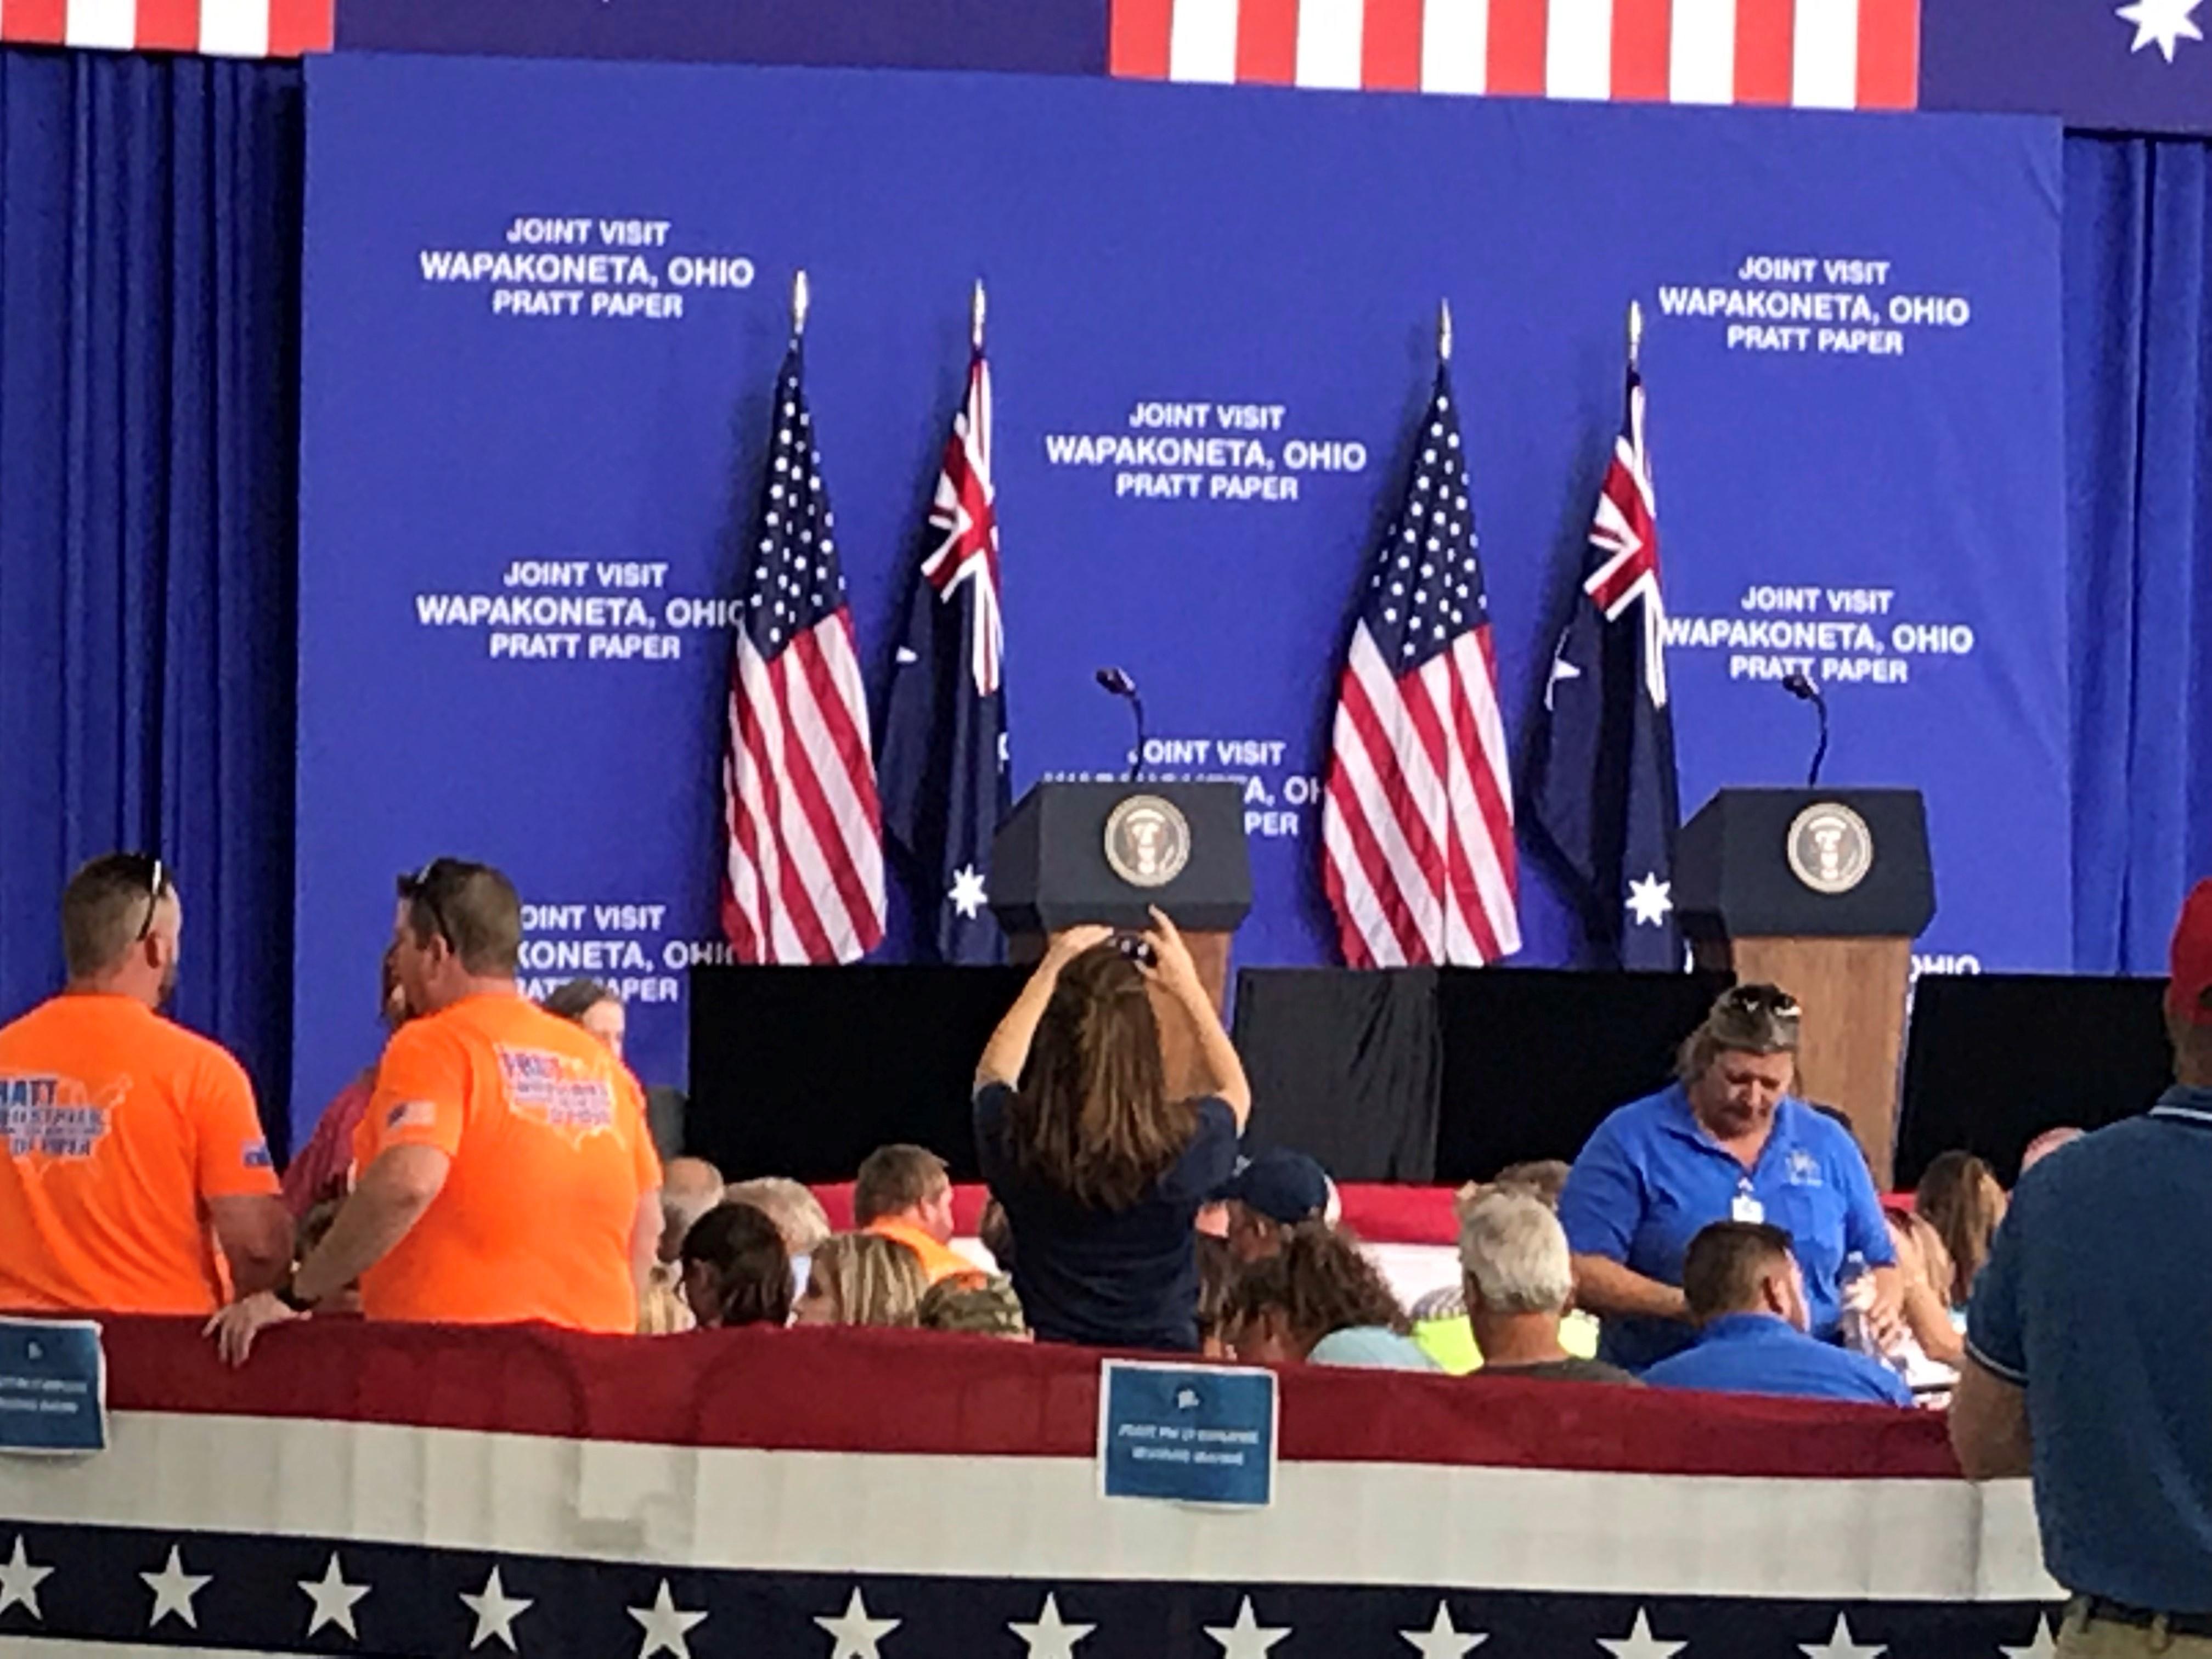 President visits Wapakoneta